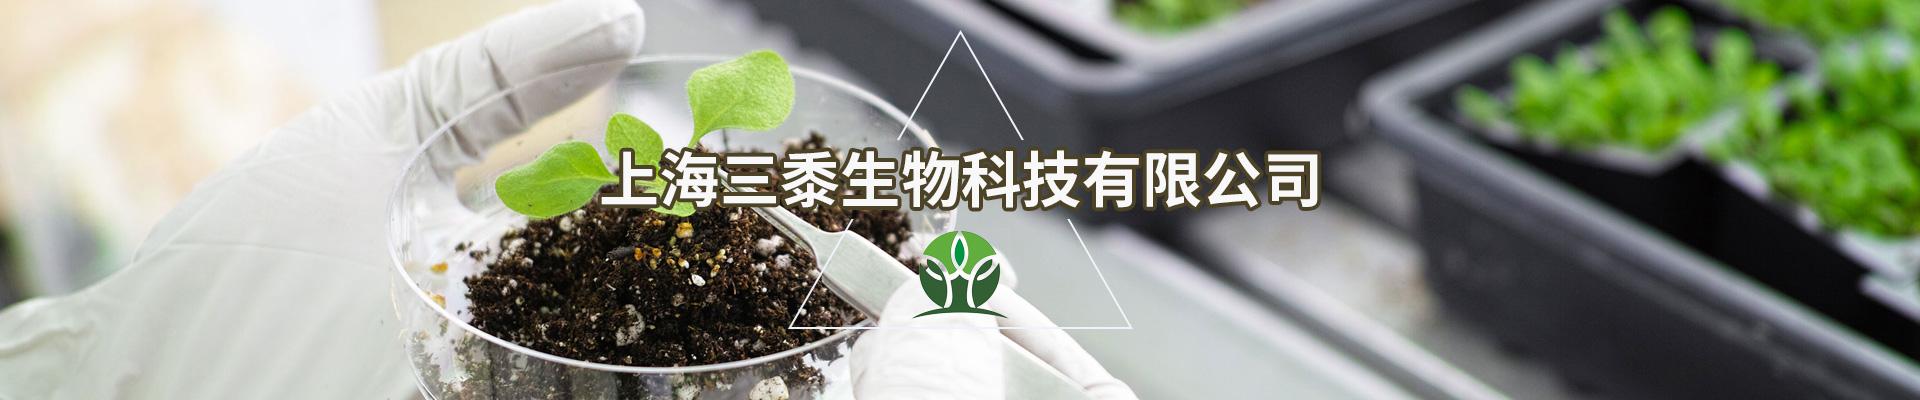 上海-三黍生物